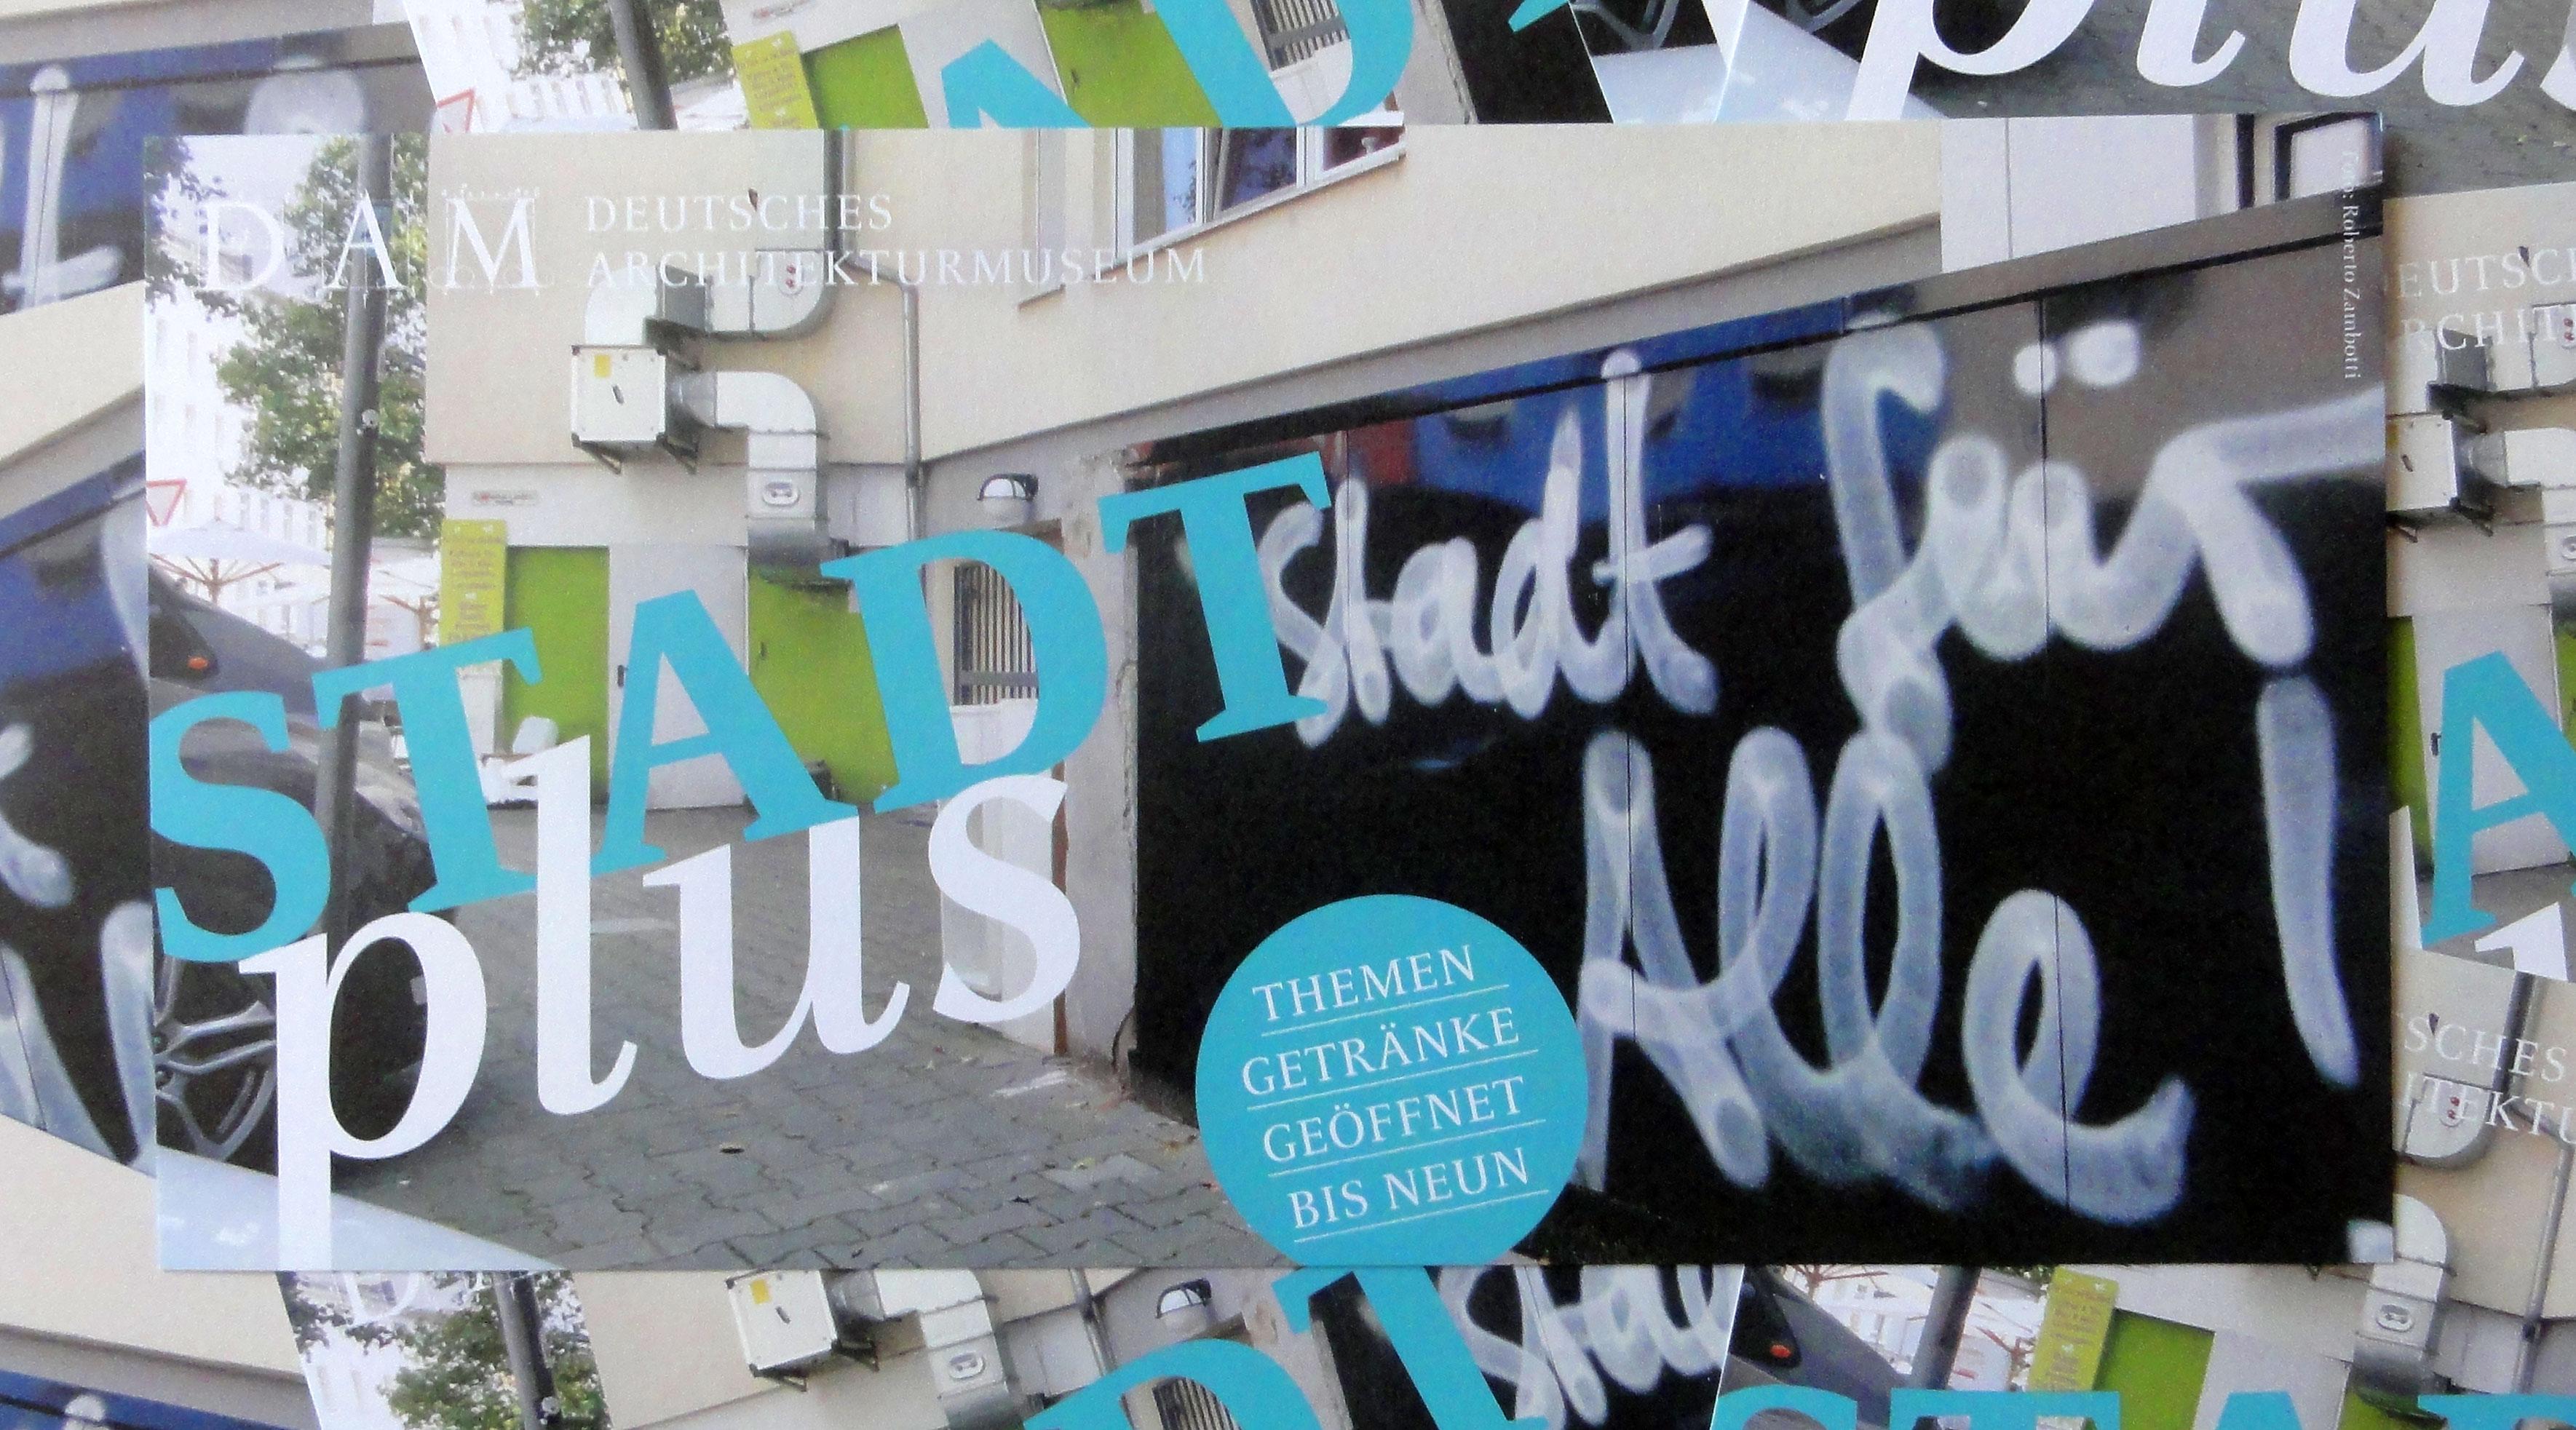 STADTplus - Veranstaltungsreihe im DAM Frankfurt